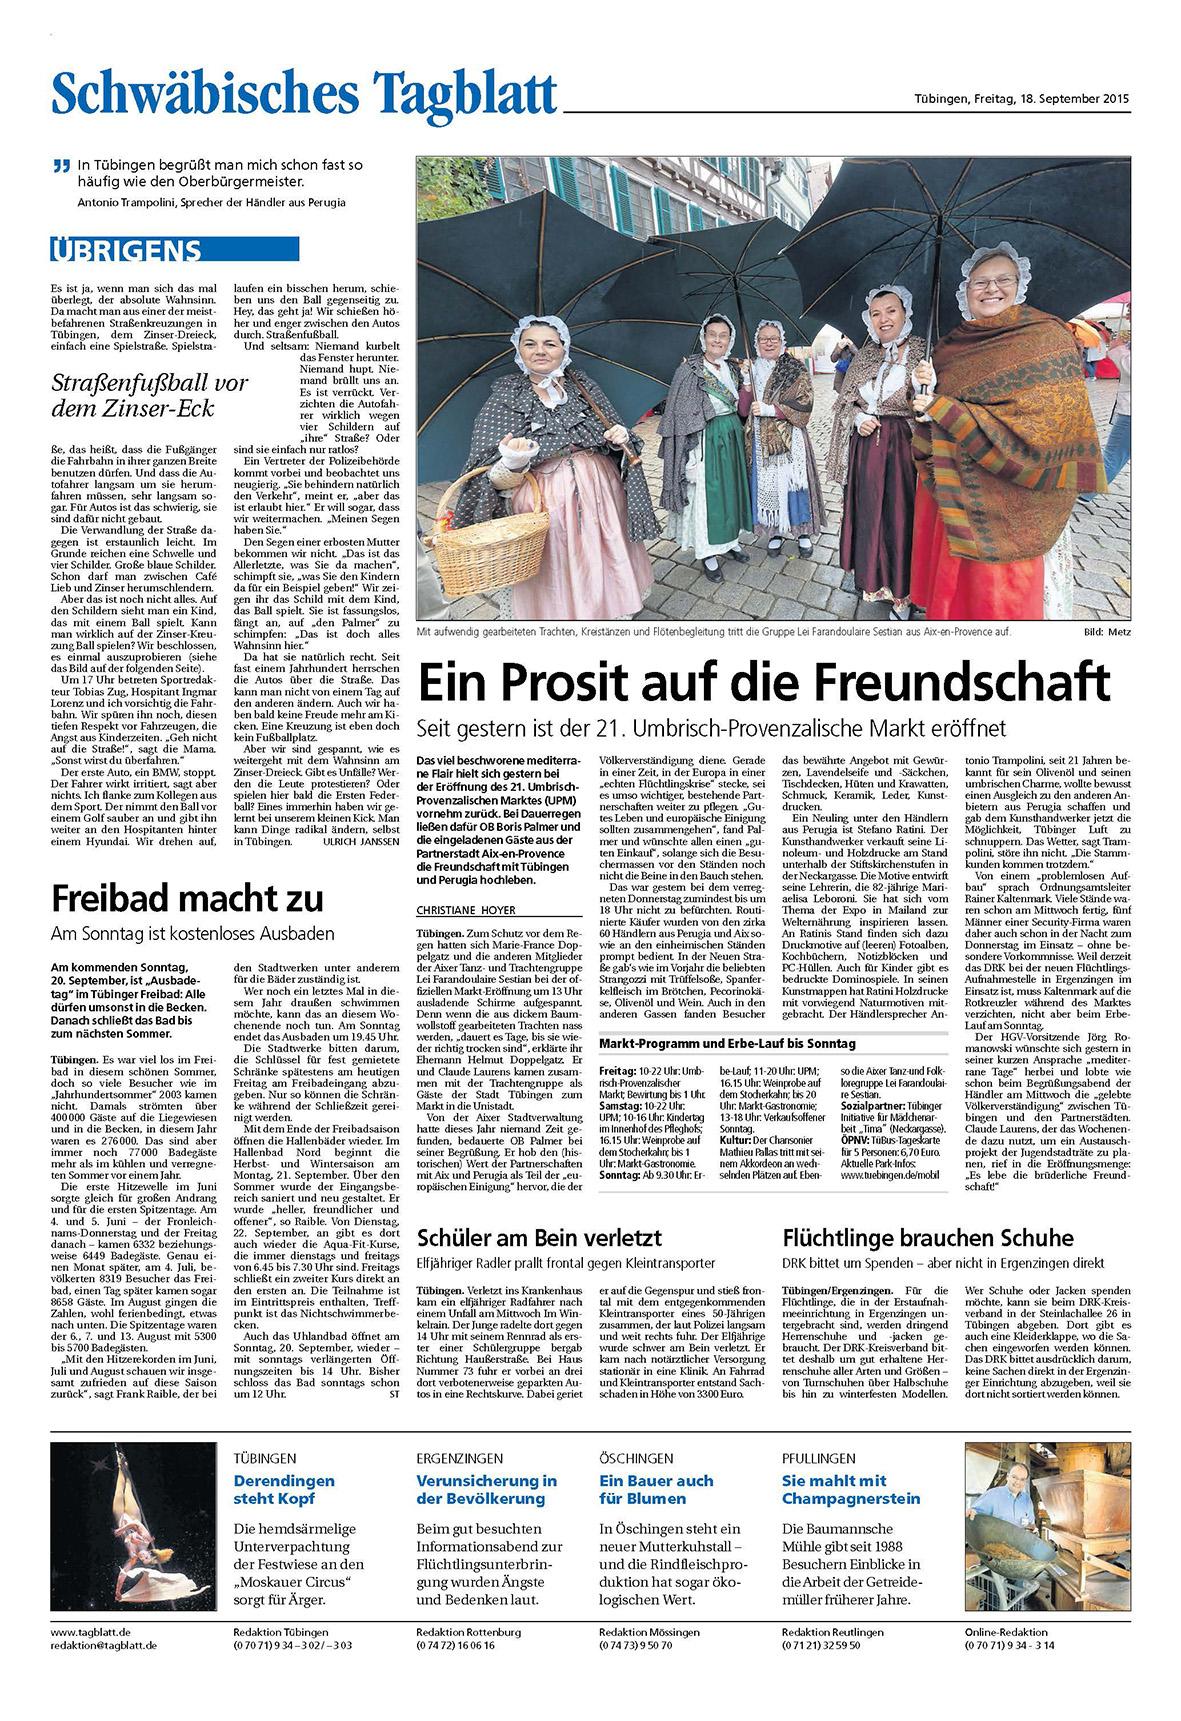 article-Schwabisches-Tagblatt-2015-Tubingen_0